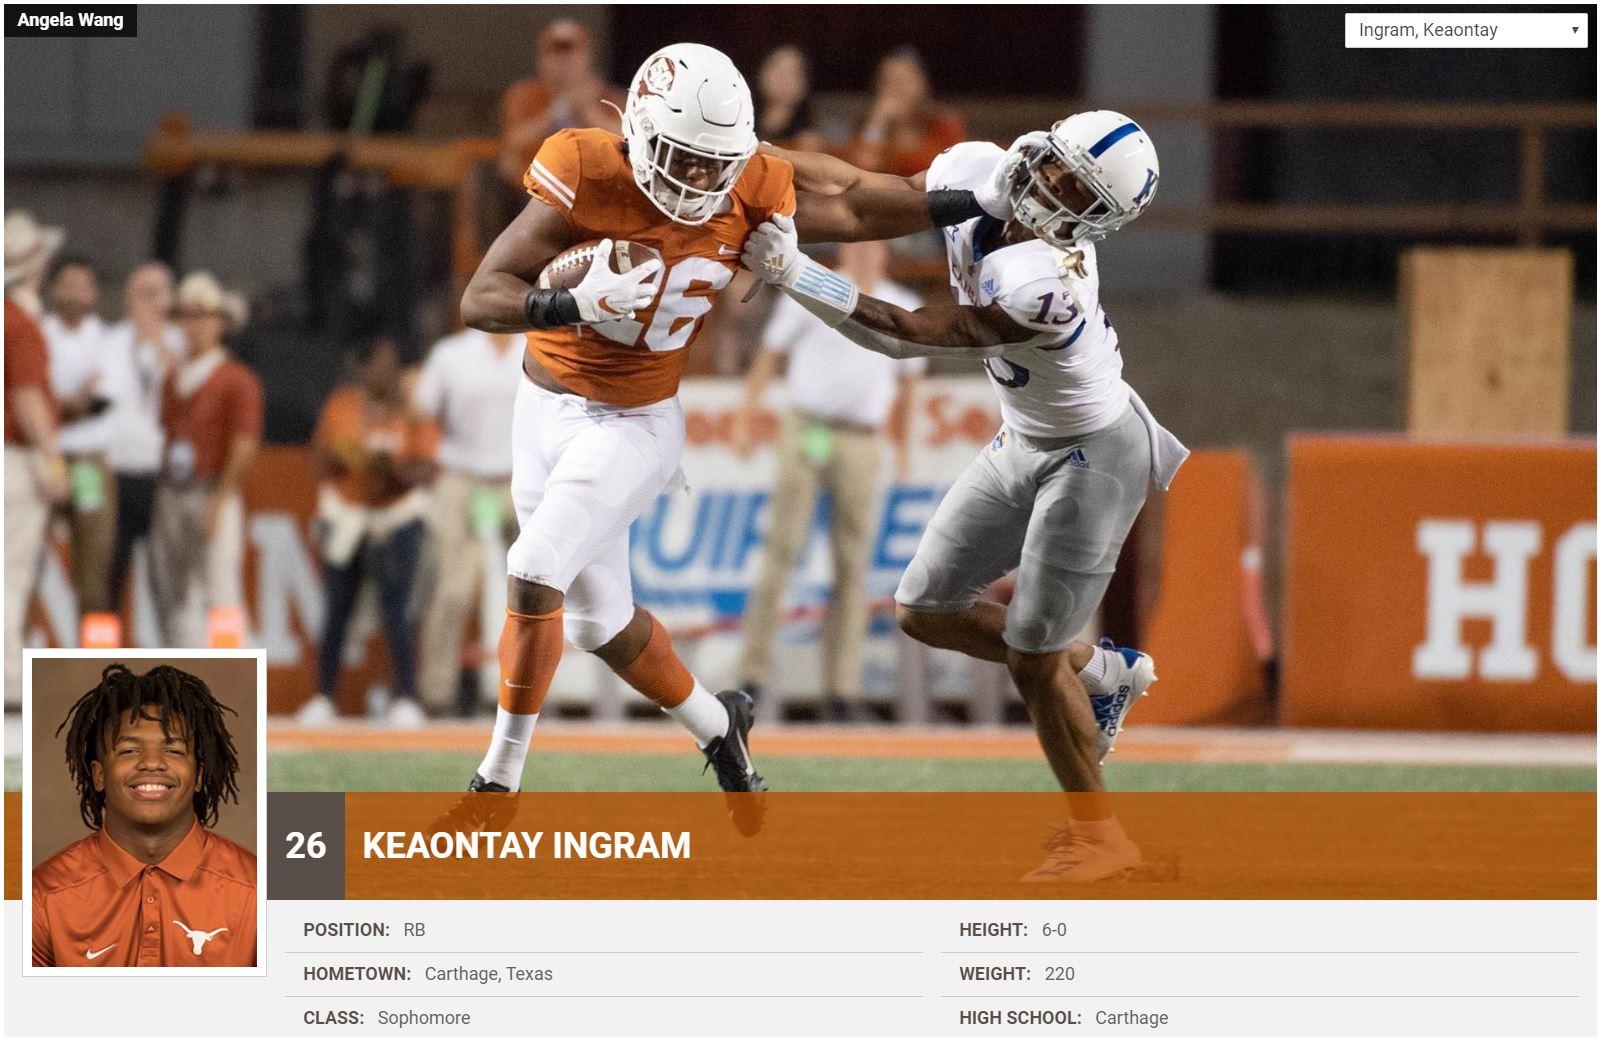 Keaontay Ingram #26